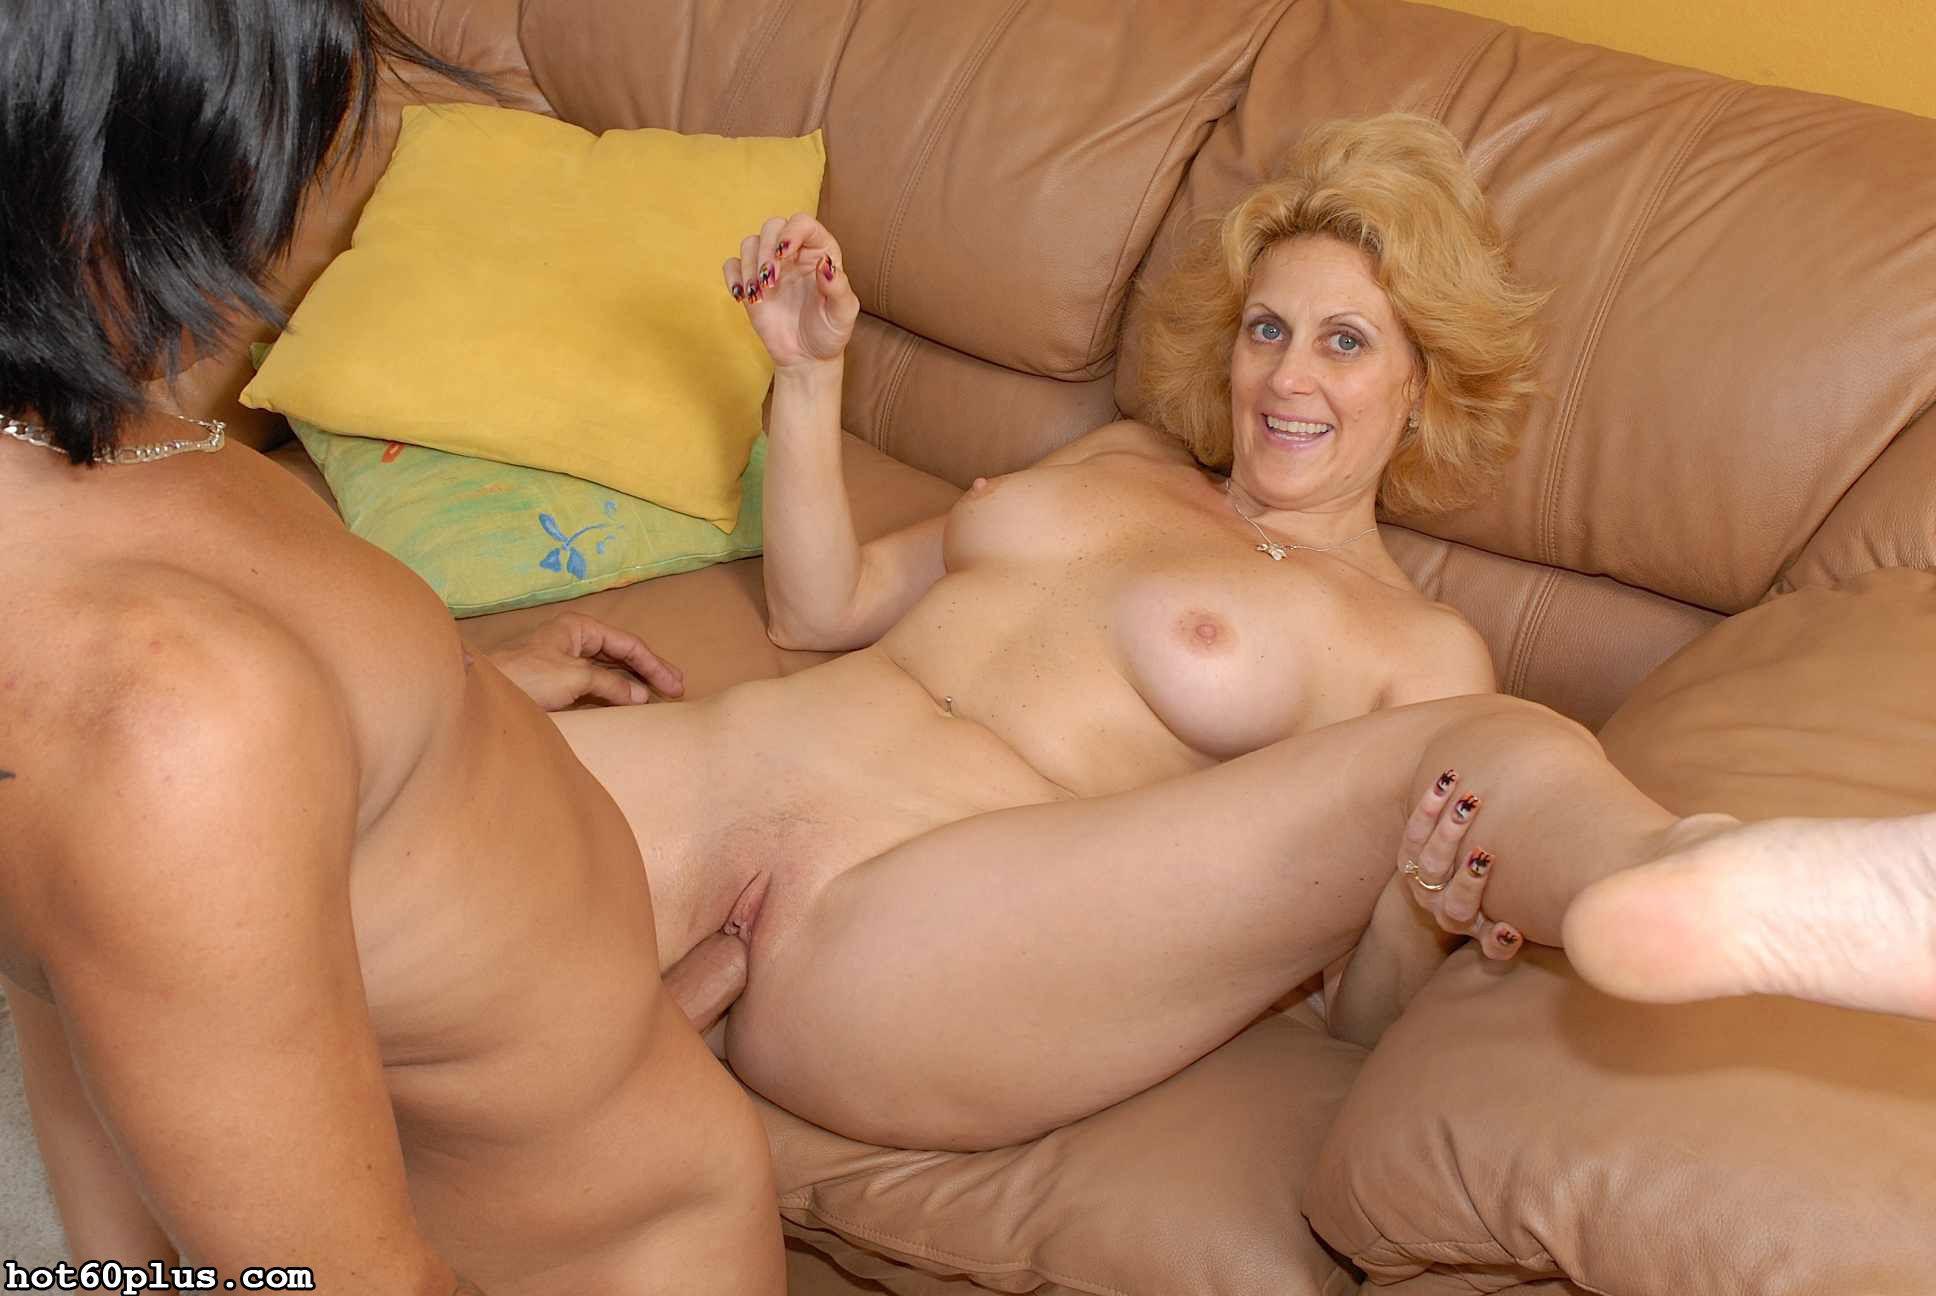 Фото зрелых тети порно, Порно фото зрелых женщин и фотографии женщин 8 фотография